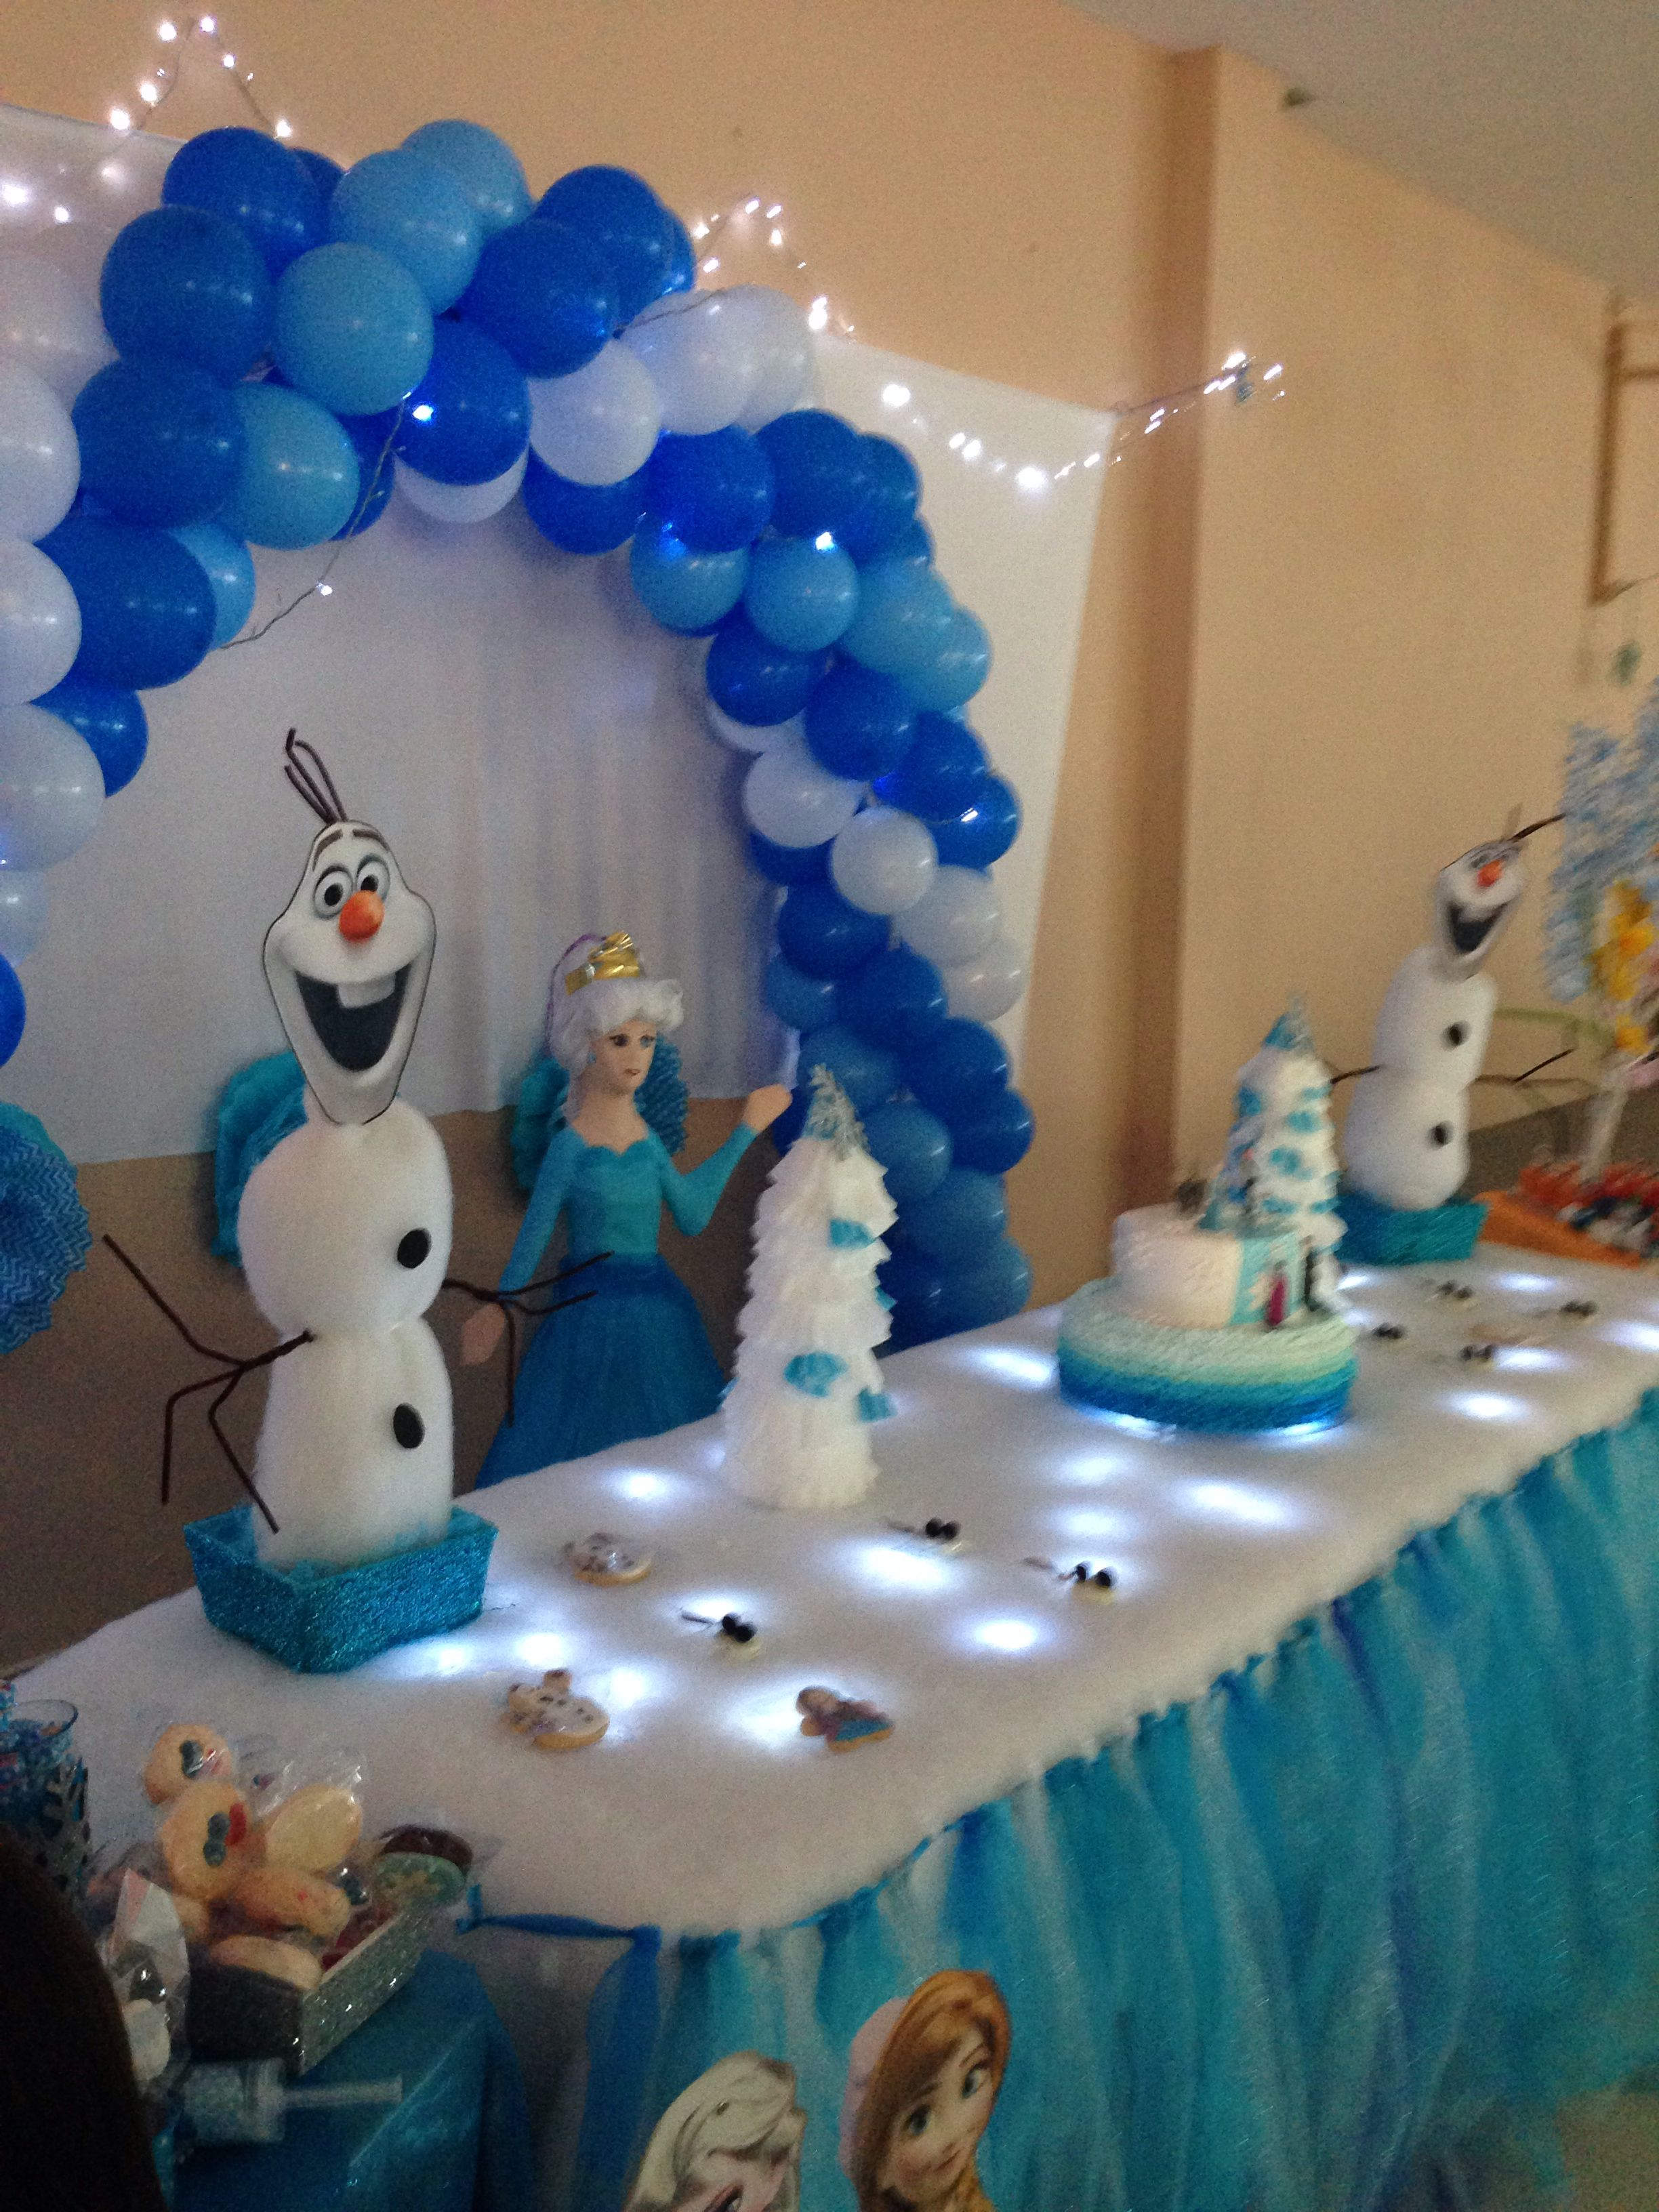 Fiesta de frozen con mesa de dulces decoracion en el techo - Decoracion de techos ...